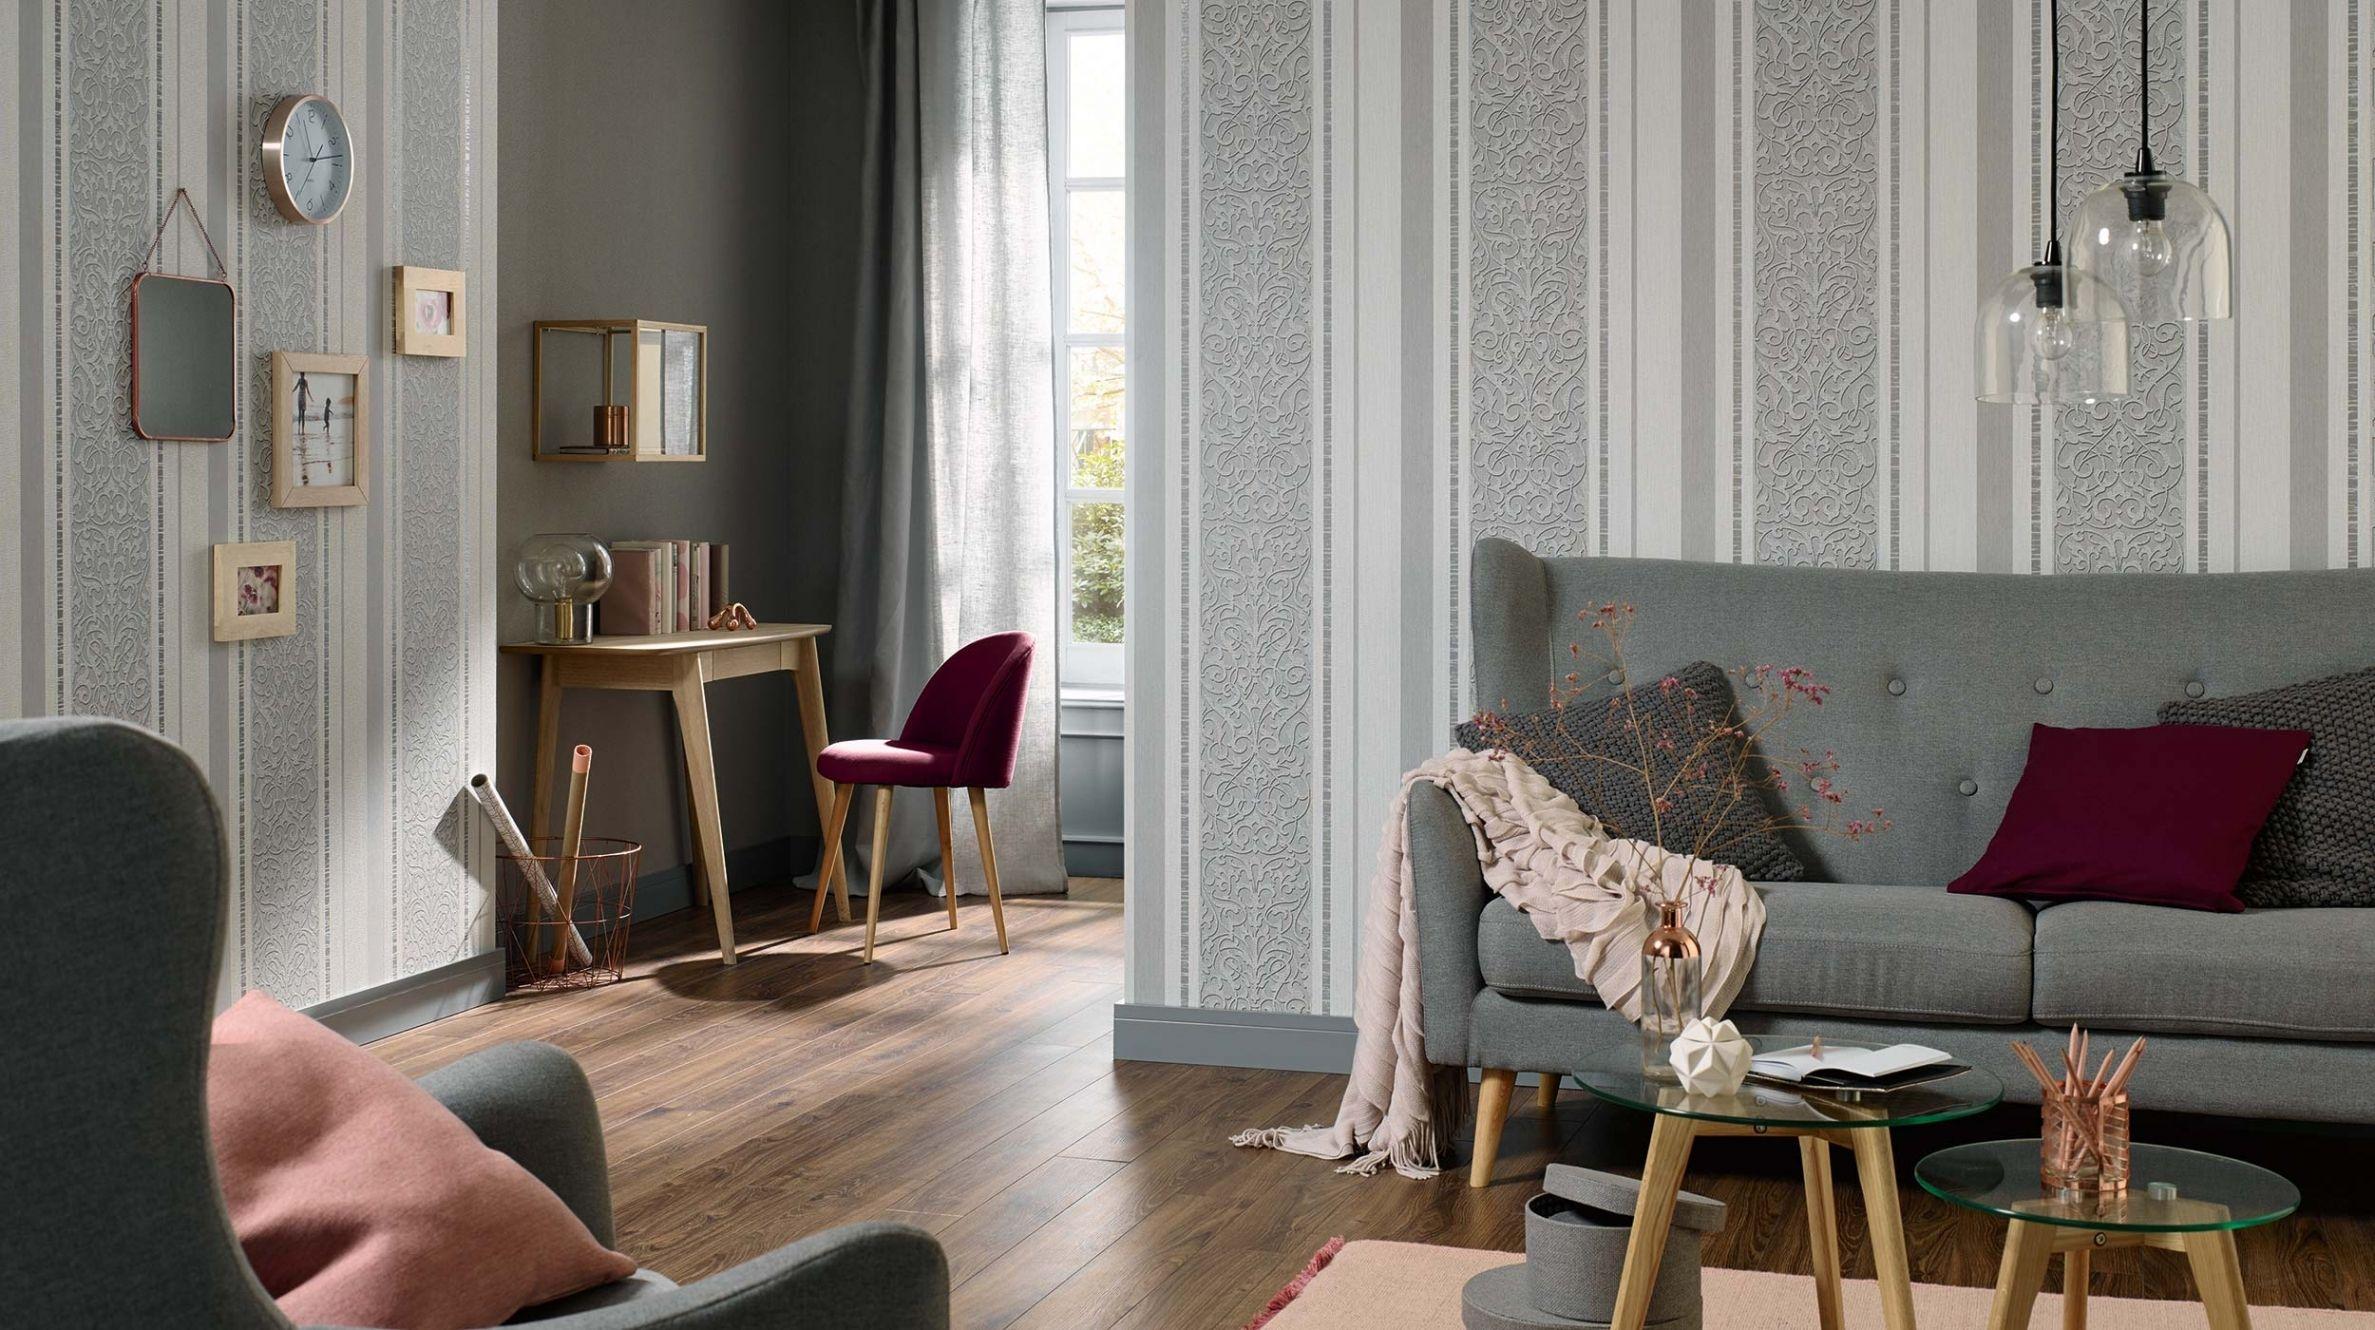 Wohntrends wohnzimmer ~ Stilvoll wohnzimmer wohnzimmer ideen